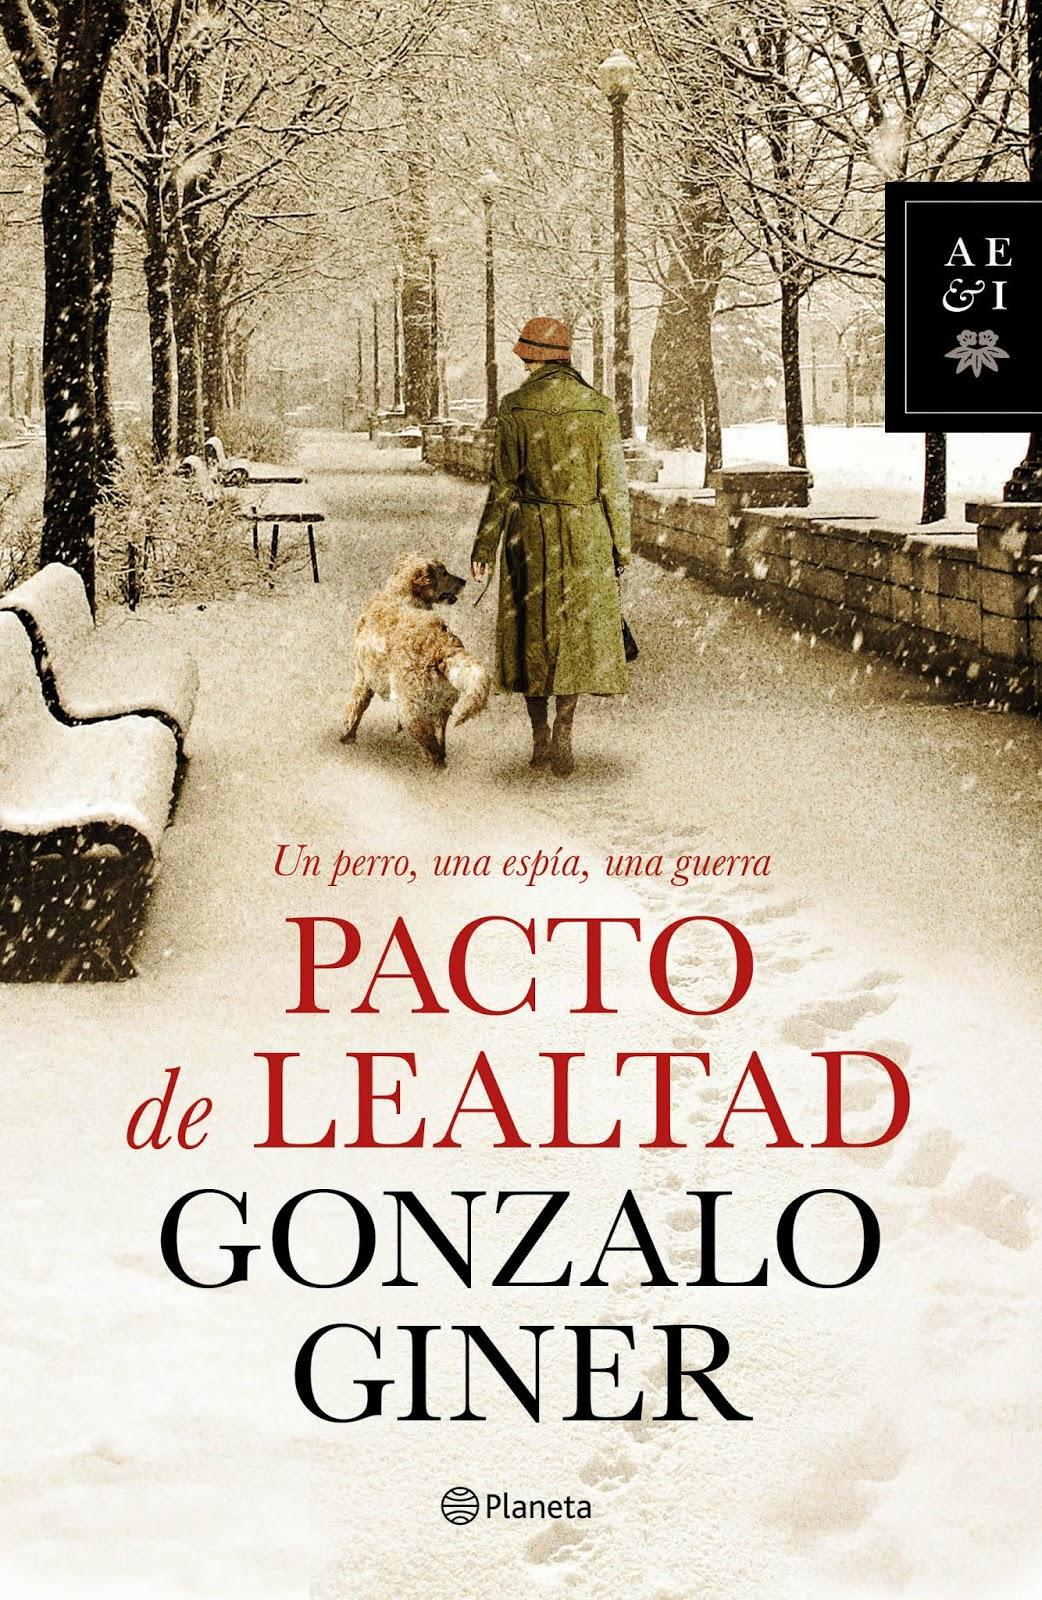 Pacto de lealtad - Gonzalo Giner (2014)